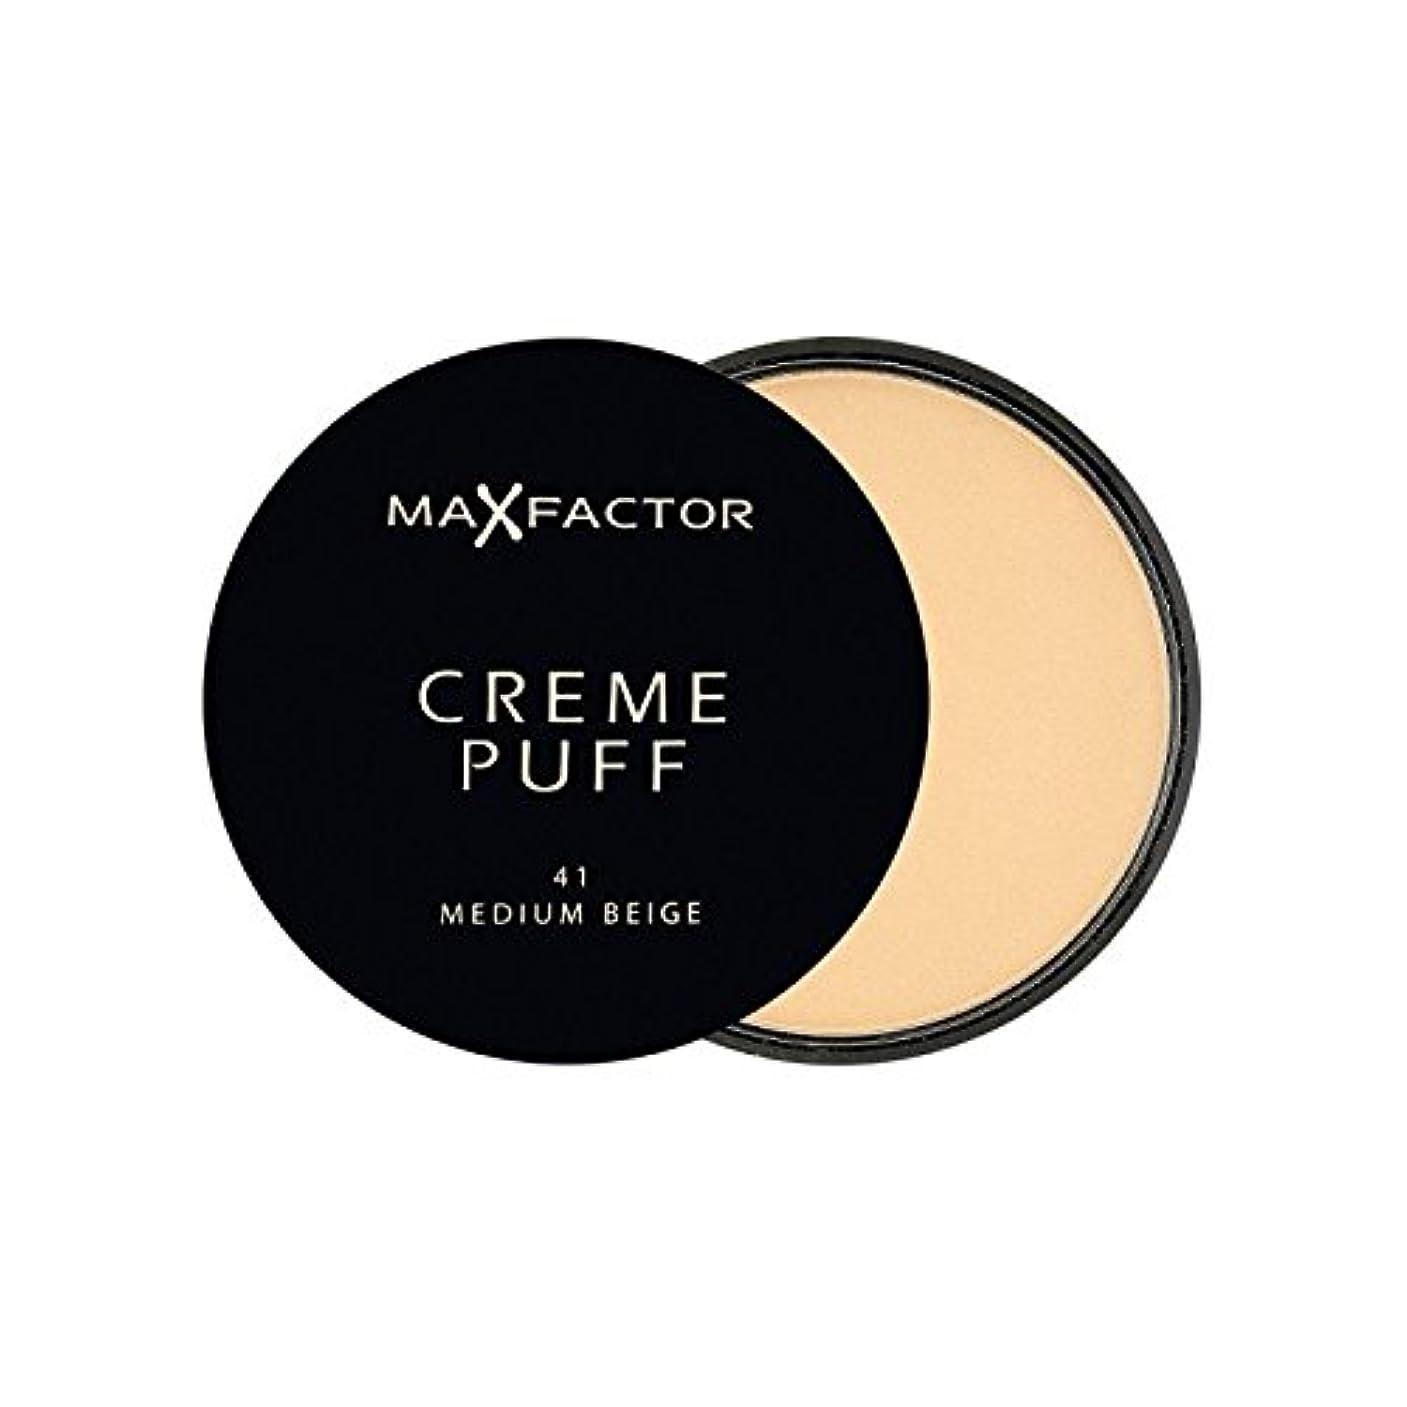 逃げる切り下げ写真を撮るマックスファクタークリームパフ粉末コンパクト媒体ベージュ41 x4 - Max Factor Creme Puff Powder Compact Medium Beige 41 (Pack of 4) [並行輸入品]